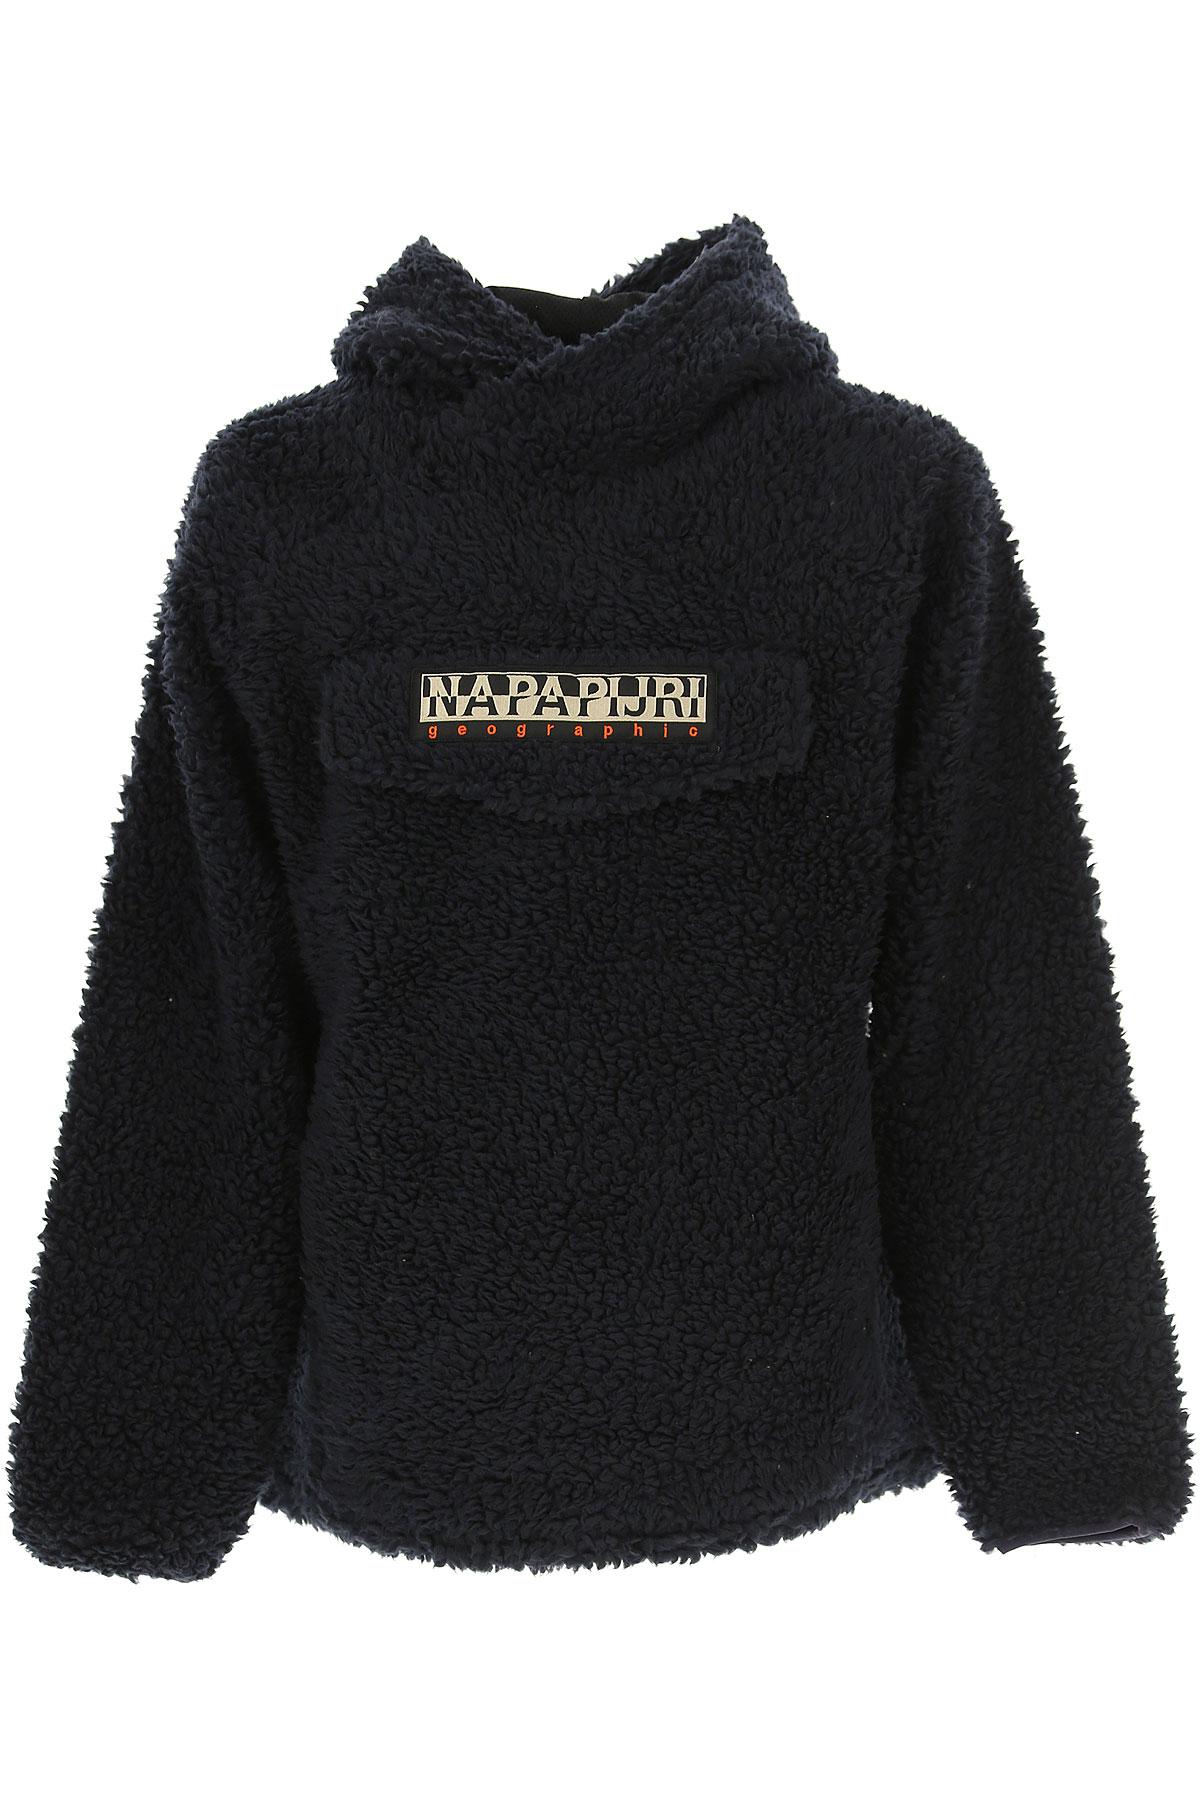 Napapijri Jacket for Men, Dark Blu, polyester, 2017, L M S XL